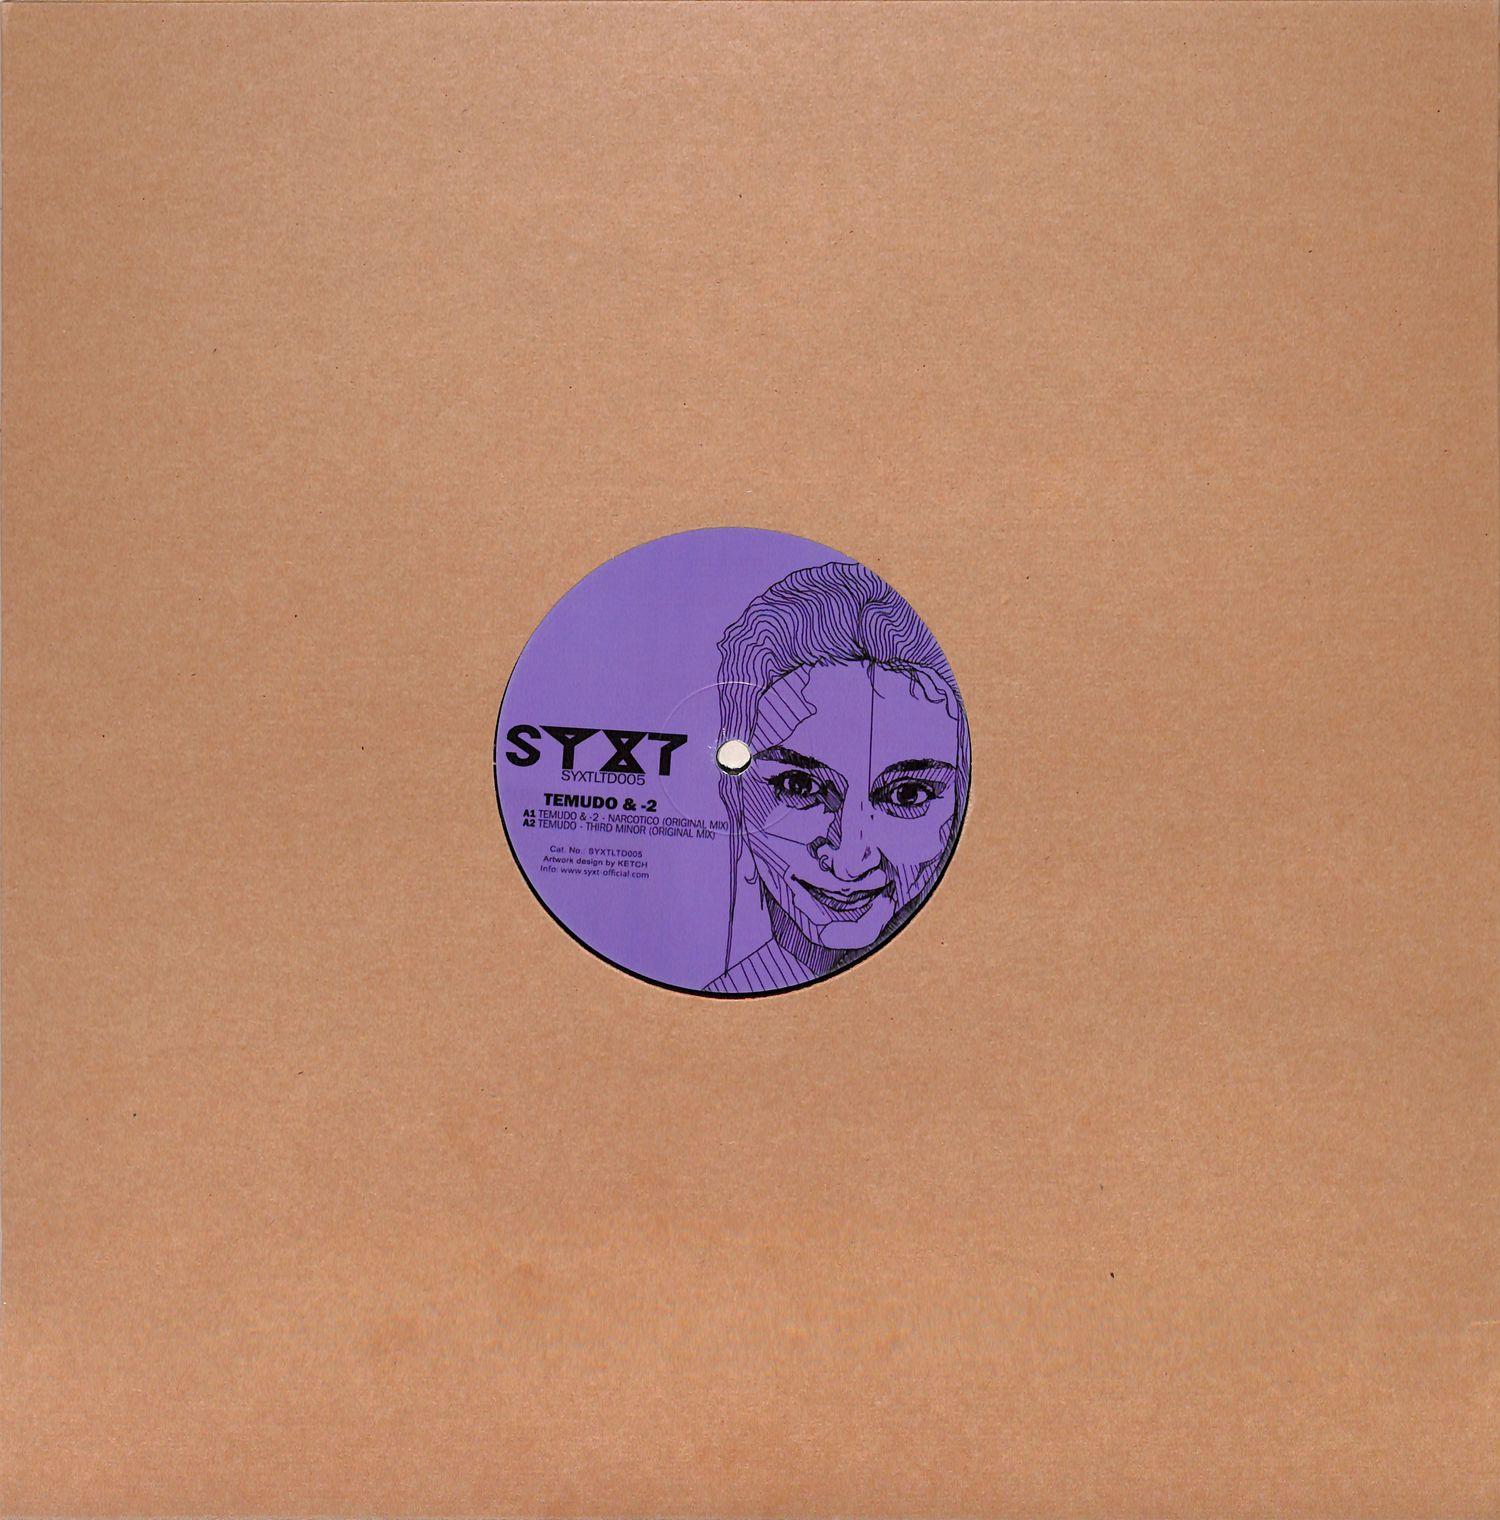 Temudo & -2 - SYXTLTD 005